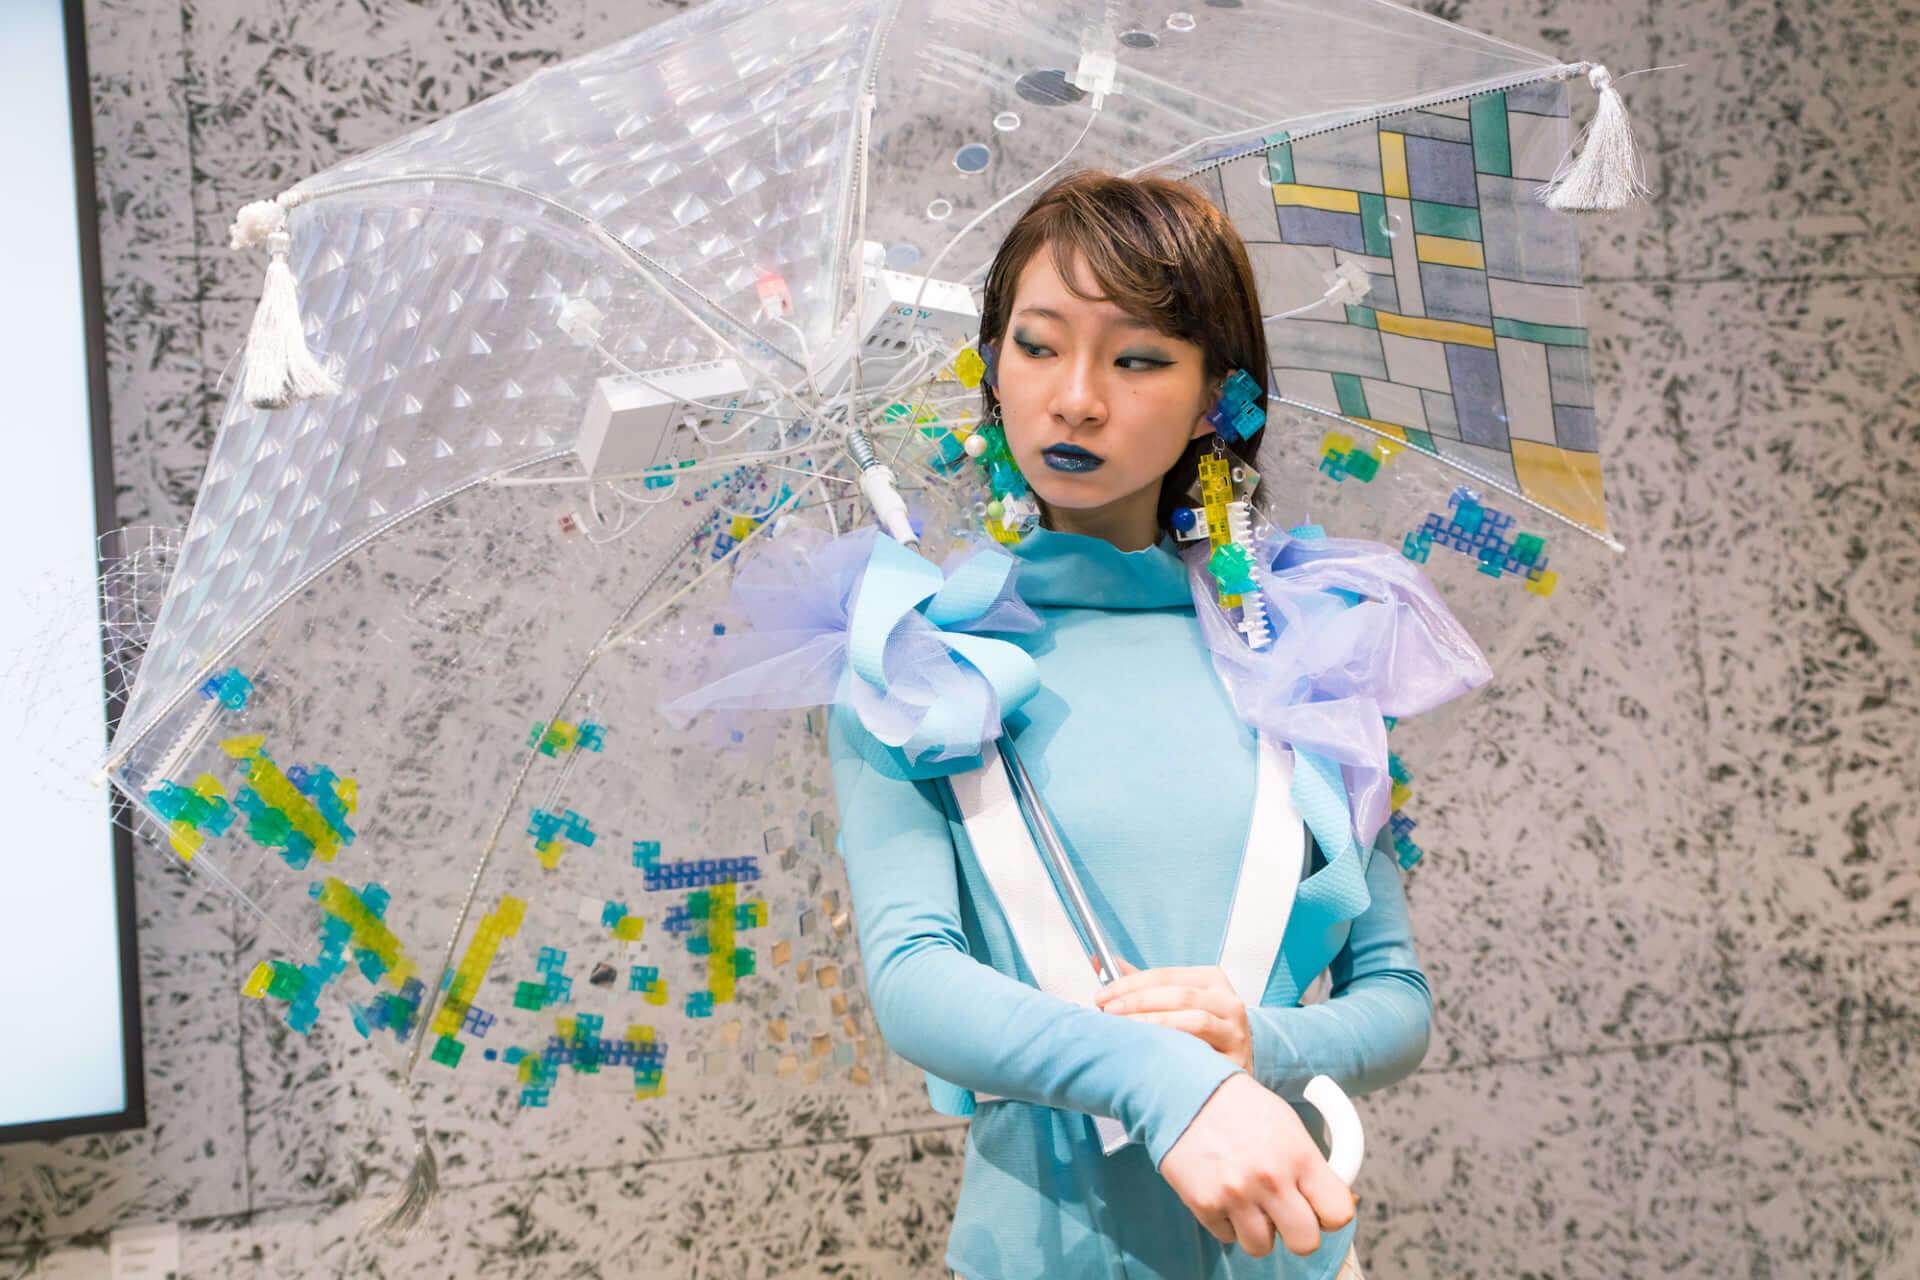 次世代クリエイターが挑戦する、ソニーのテクノロジーとファッションの可能性とは? 358A6035-1920x1280